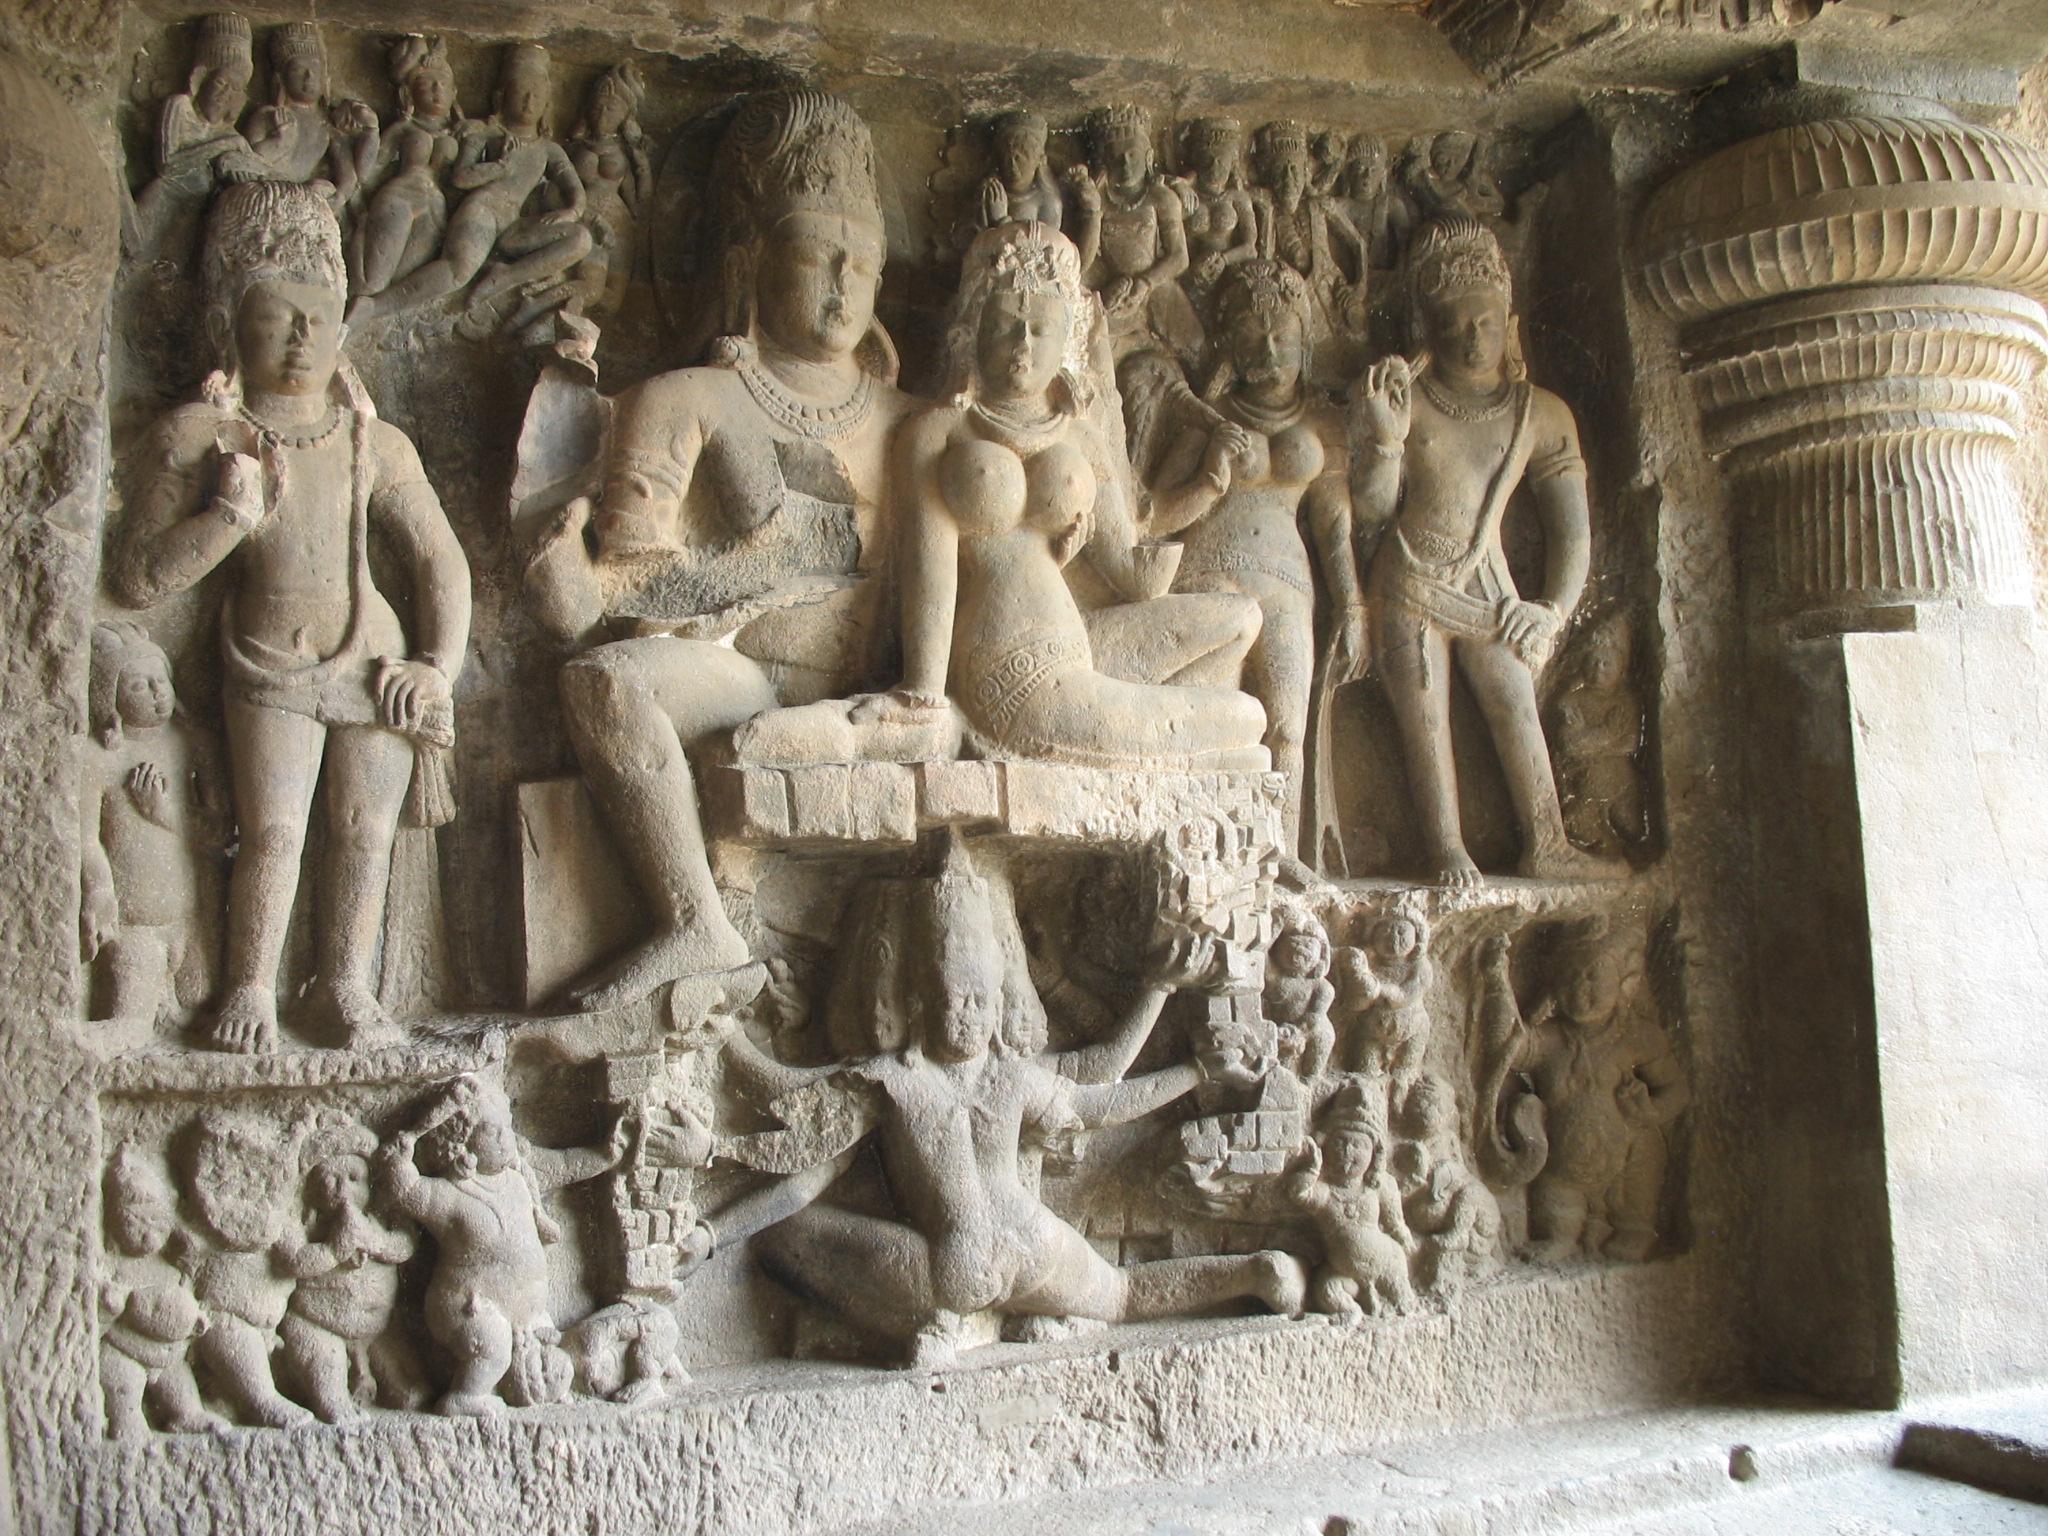 File:Ravan Anugrah Murti, Ellora jpg - Wikimedia Commons